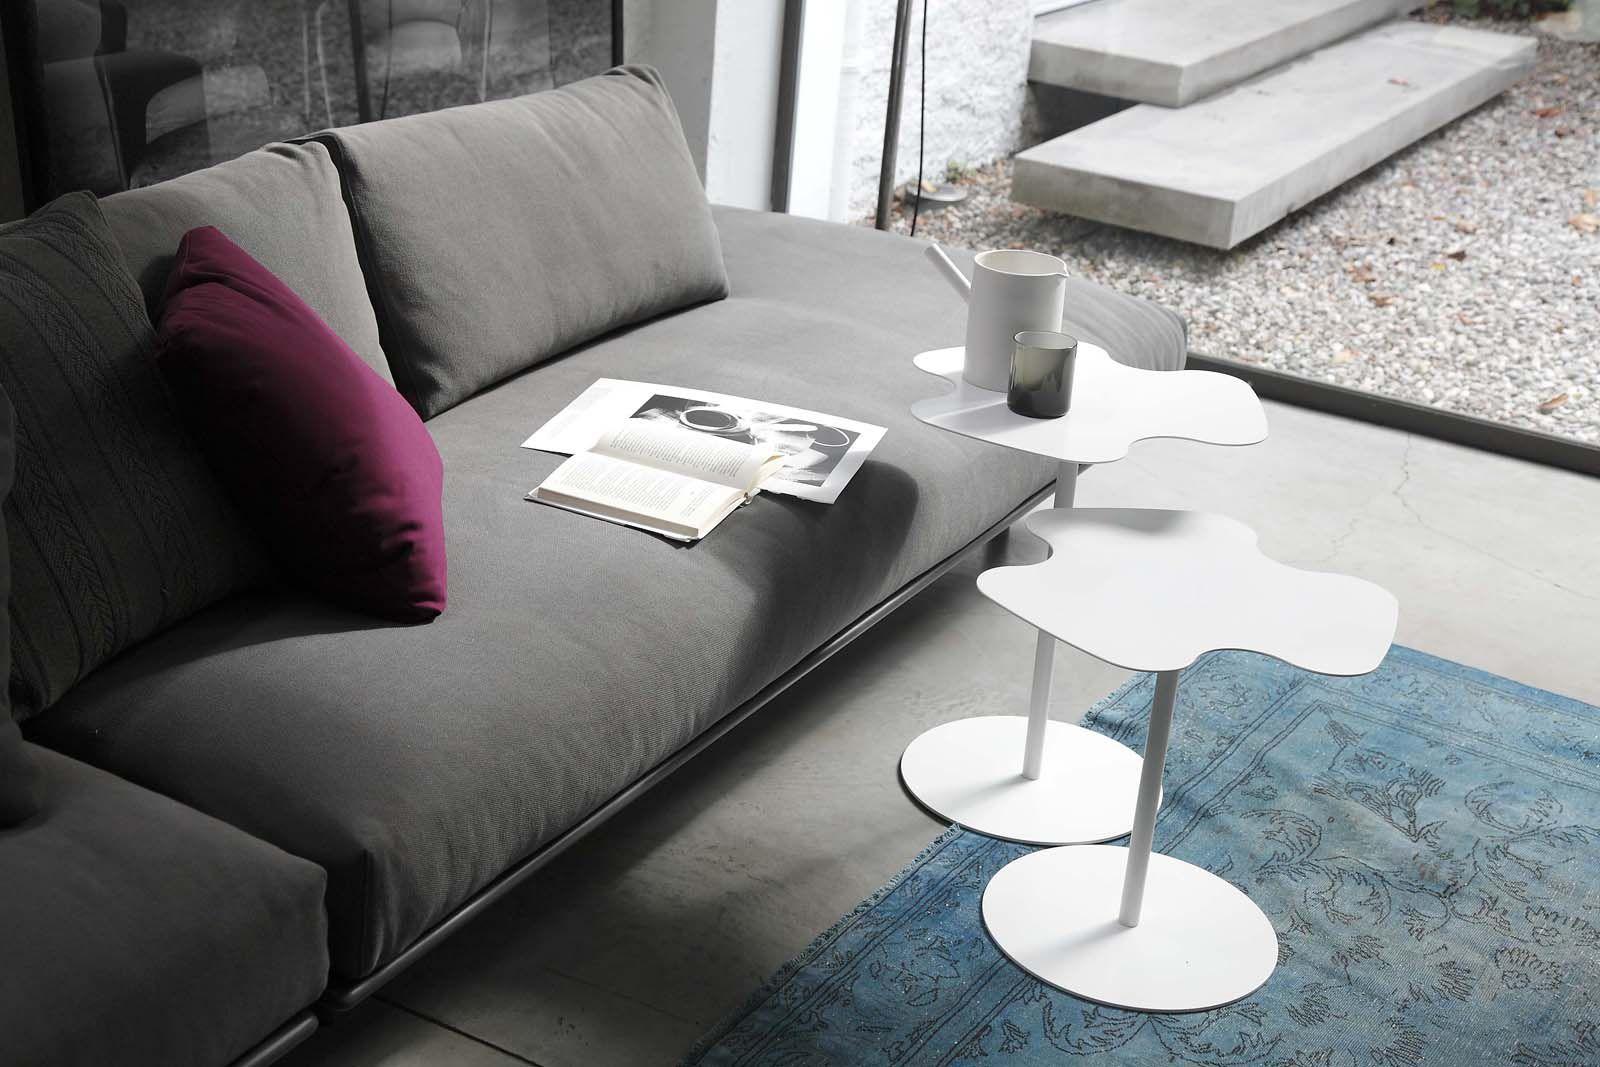 Tavolo d appoggio moderno in metallo flower bontempi casa